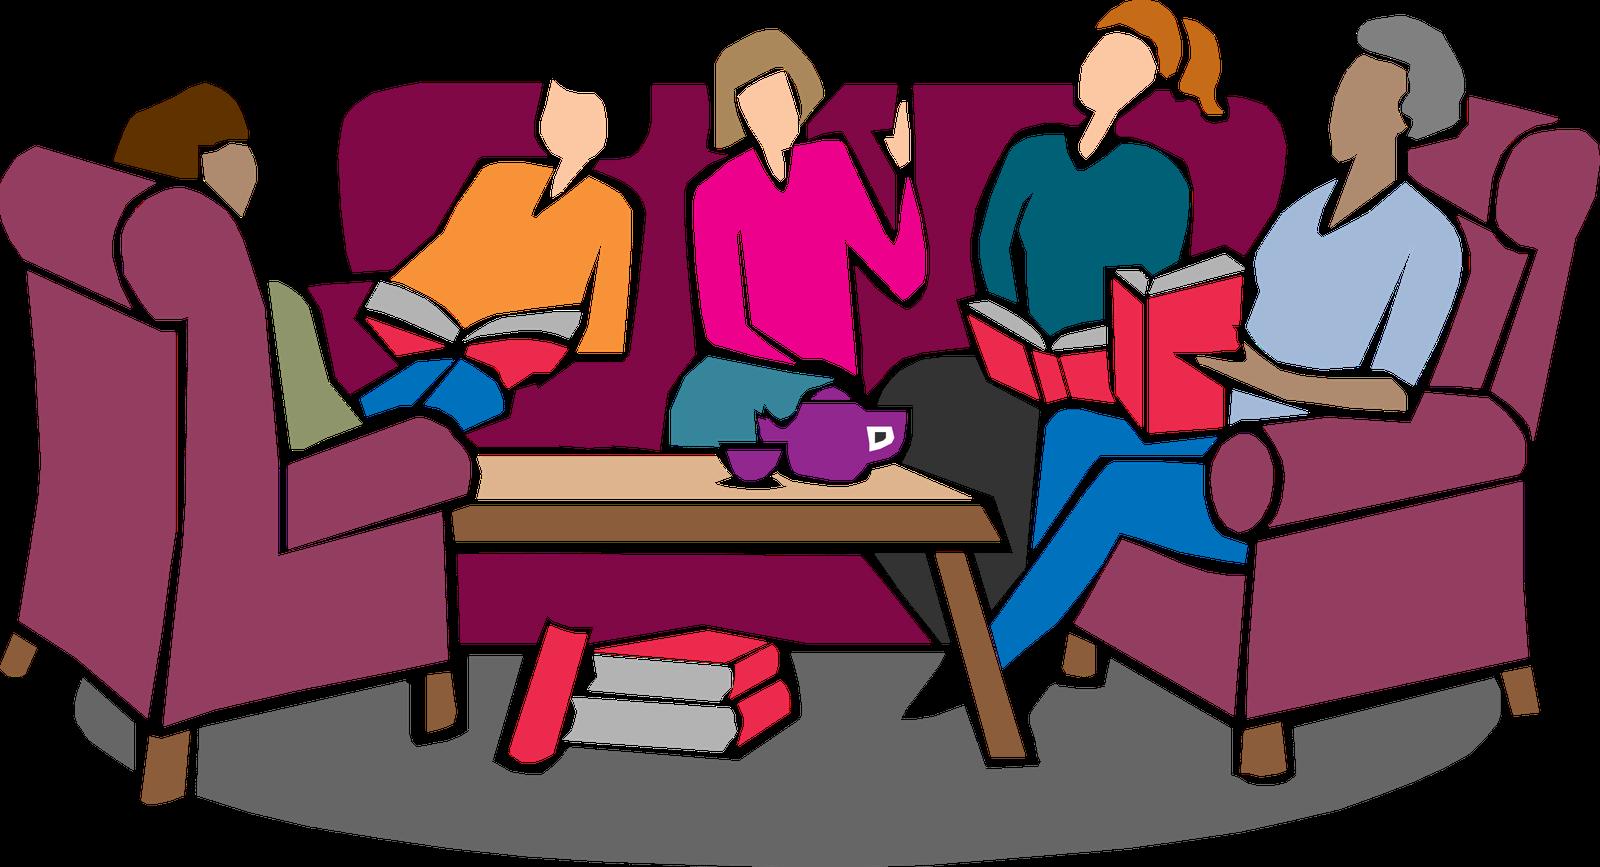 독서모임, 함께하는 공부를 제대로 하기 위해 필요한 것